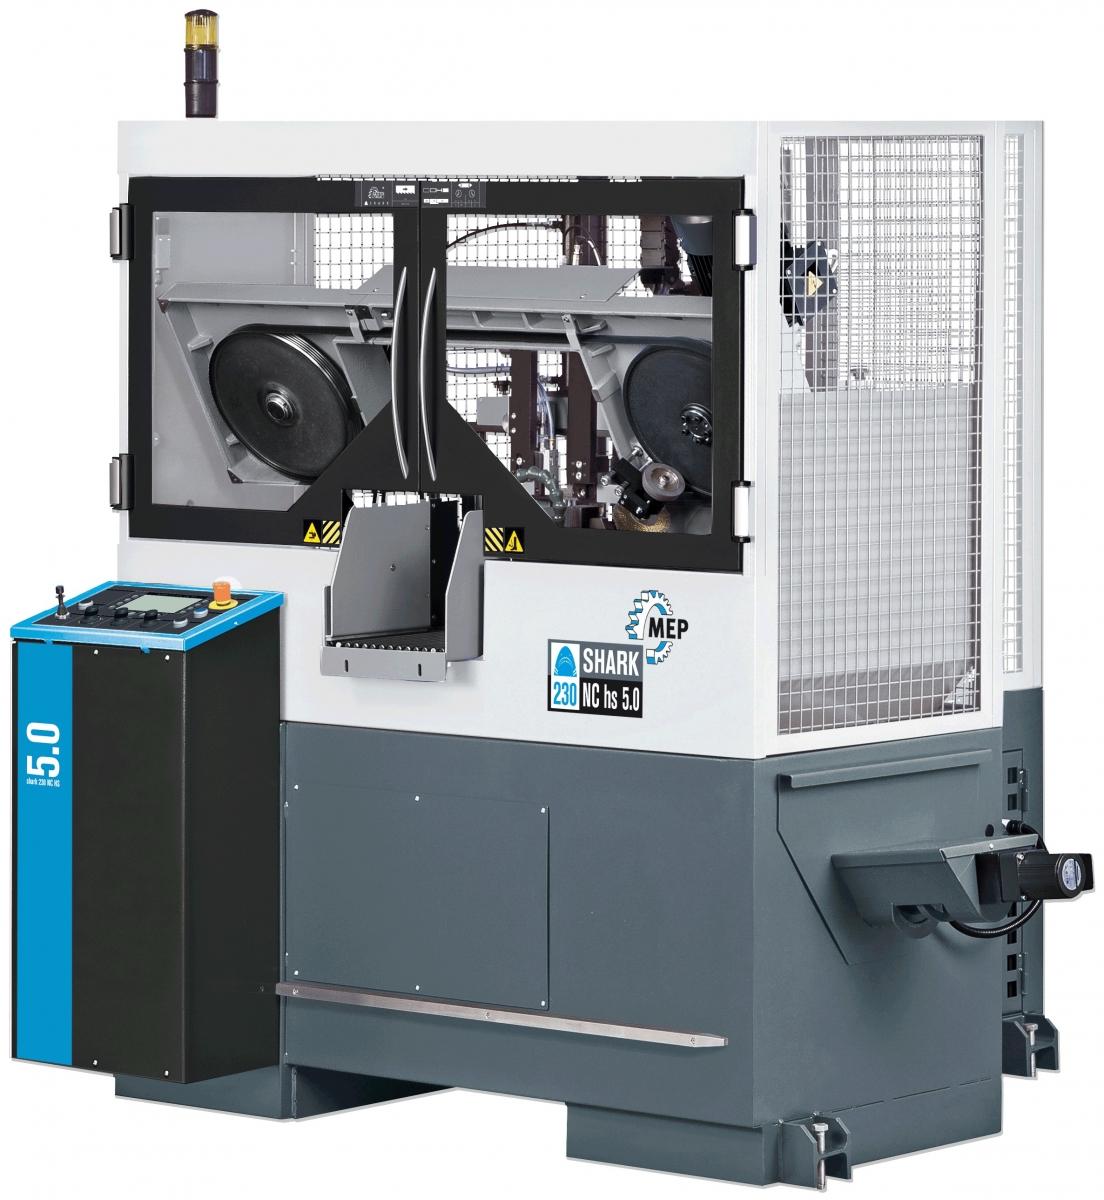 MEP SHARK 230 NC HS 5.0 Zweisäulen-Bandsägevollautomat